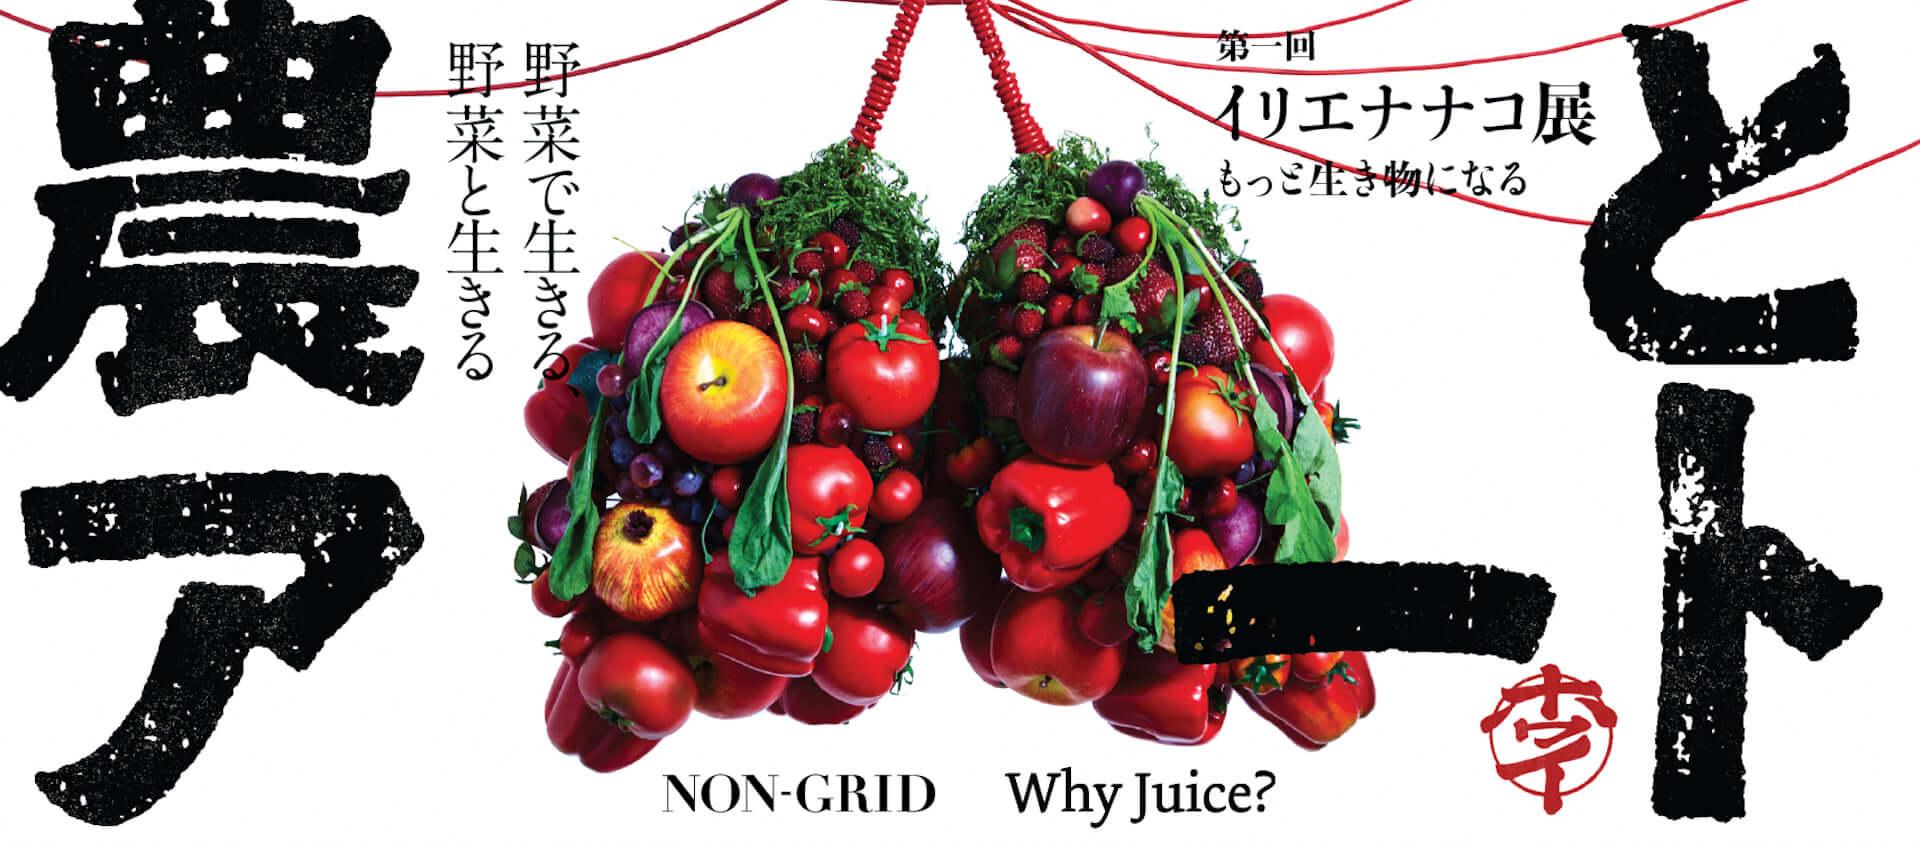 野菜・果物の魅力を発信する<農とアート展>が下北沢BONUS TRACKで開催決定!イリエナナコの作品も展示 art201113_no-to-art_2-1920x842